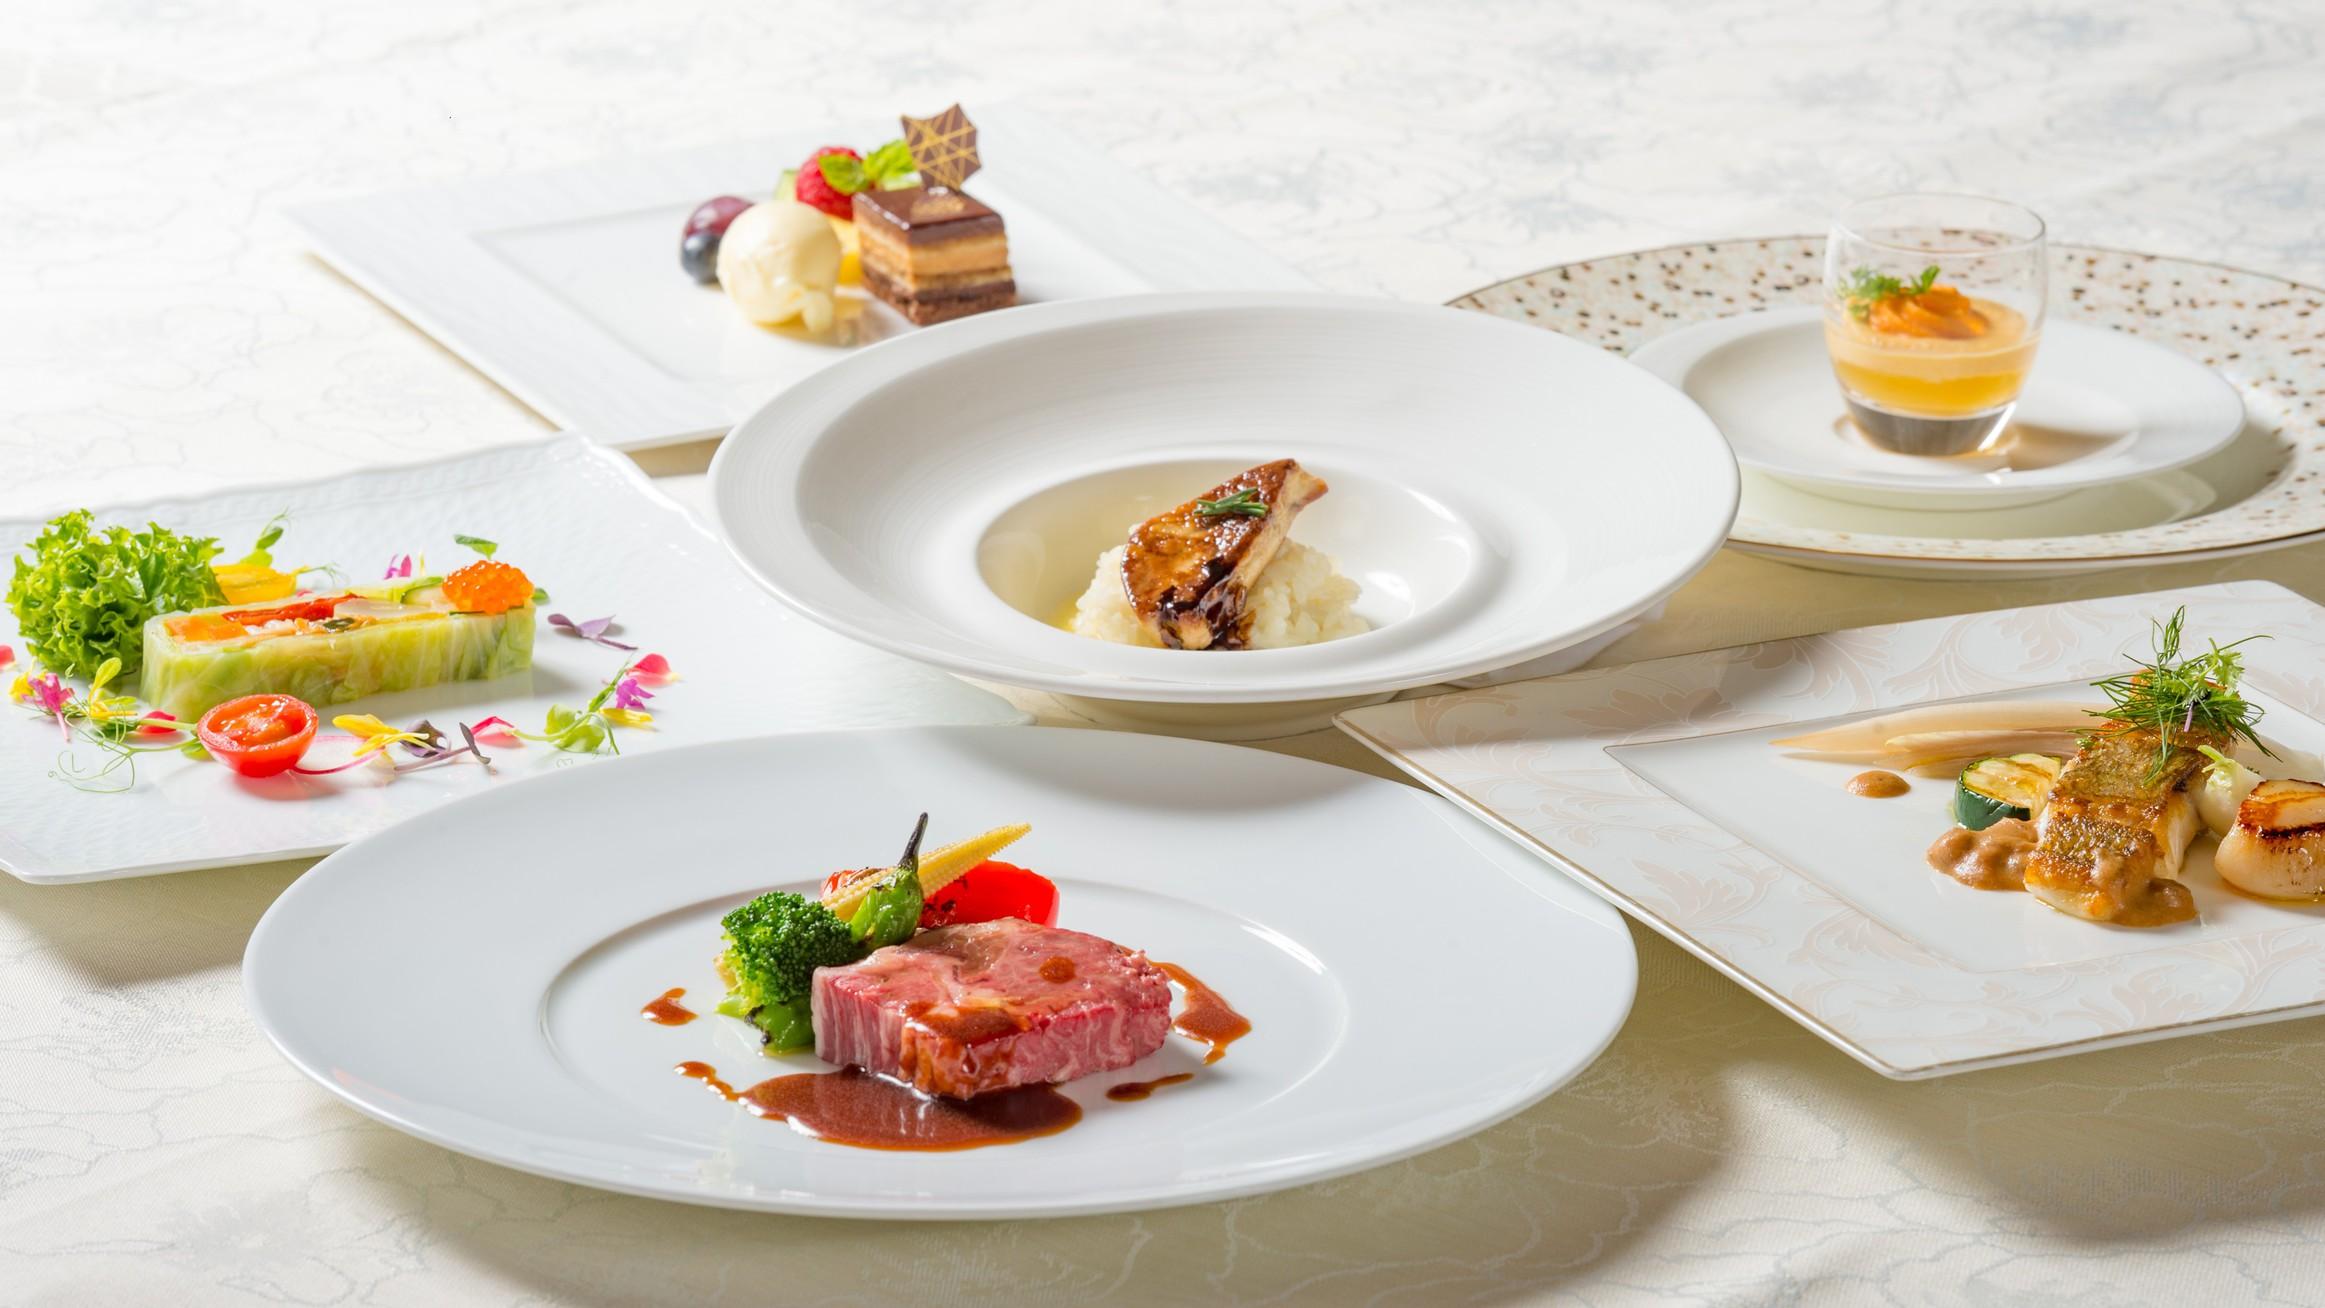 リーガ沖縄が誇るアンガス牛ローストビーフを堪能する スペシャルコース